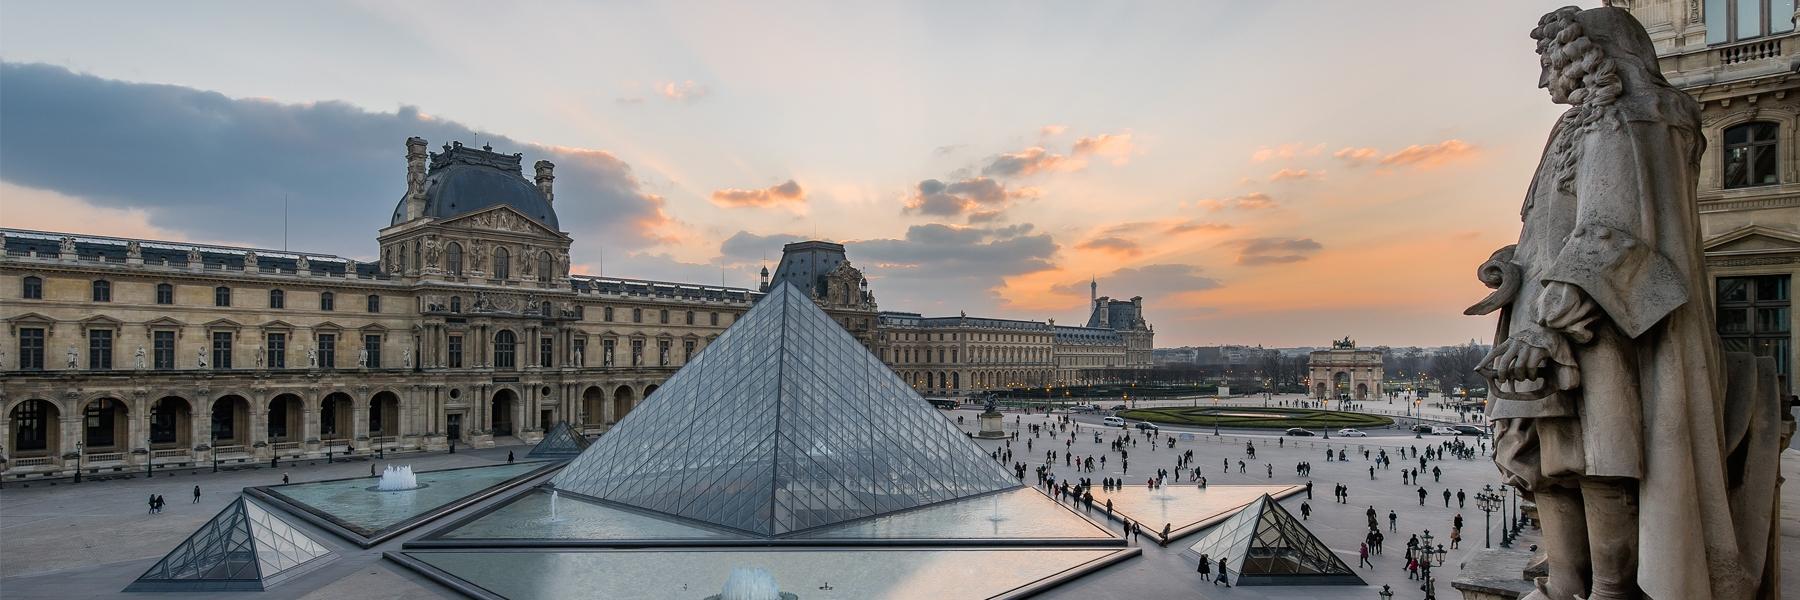 Photographie du Louvre avec la pyramide